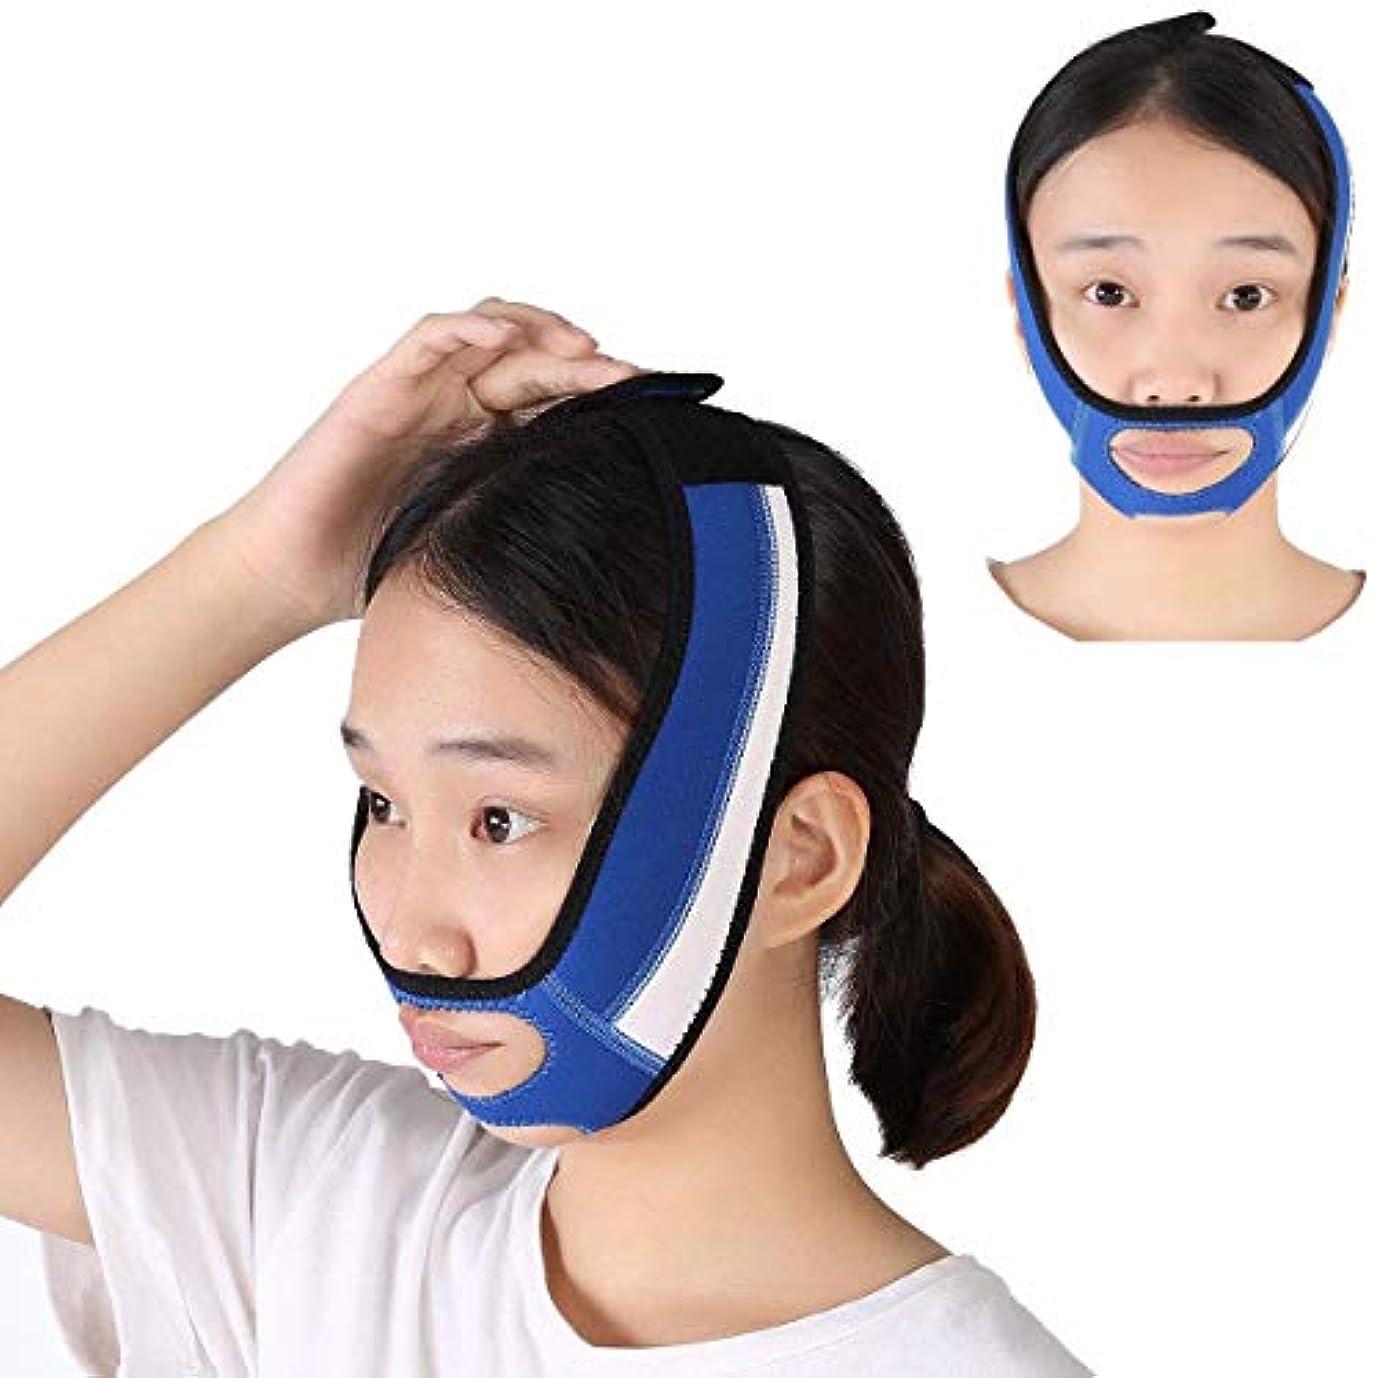 ありそう学部動物フェイシャルスリミングバンド-フェイスケアスキンマスクを締めます-フェイシャルスリミング用Vラインフェイスベルト、ダブルチン&しわの除去